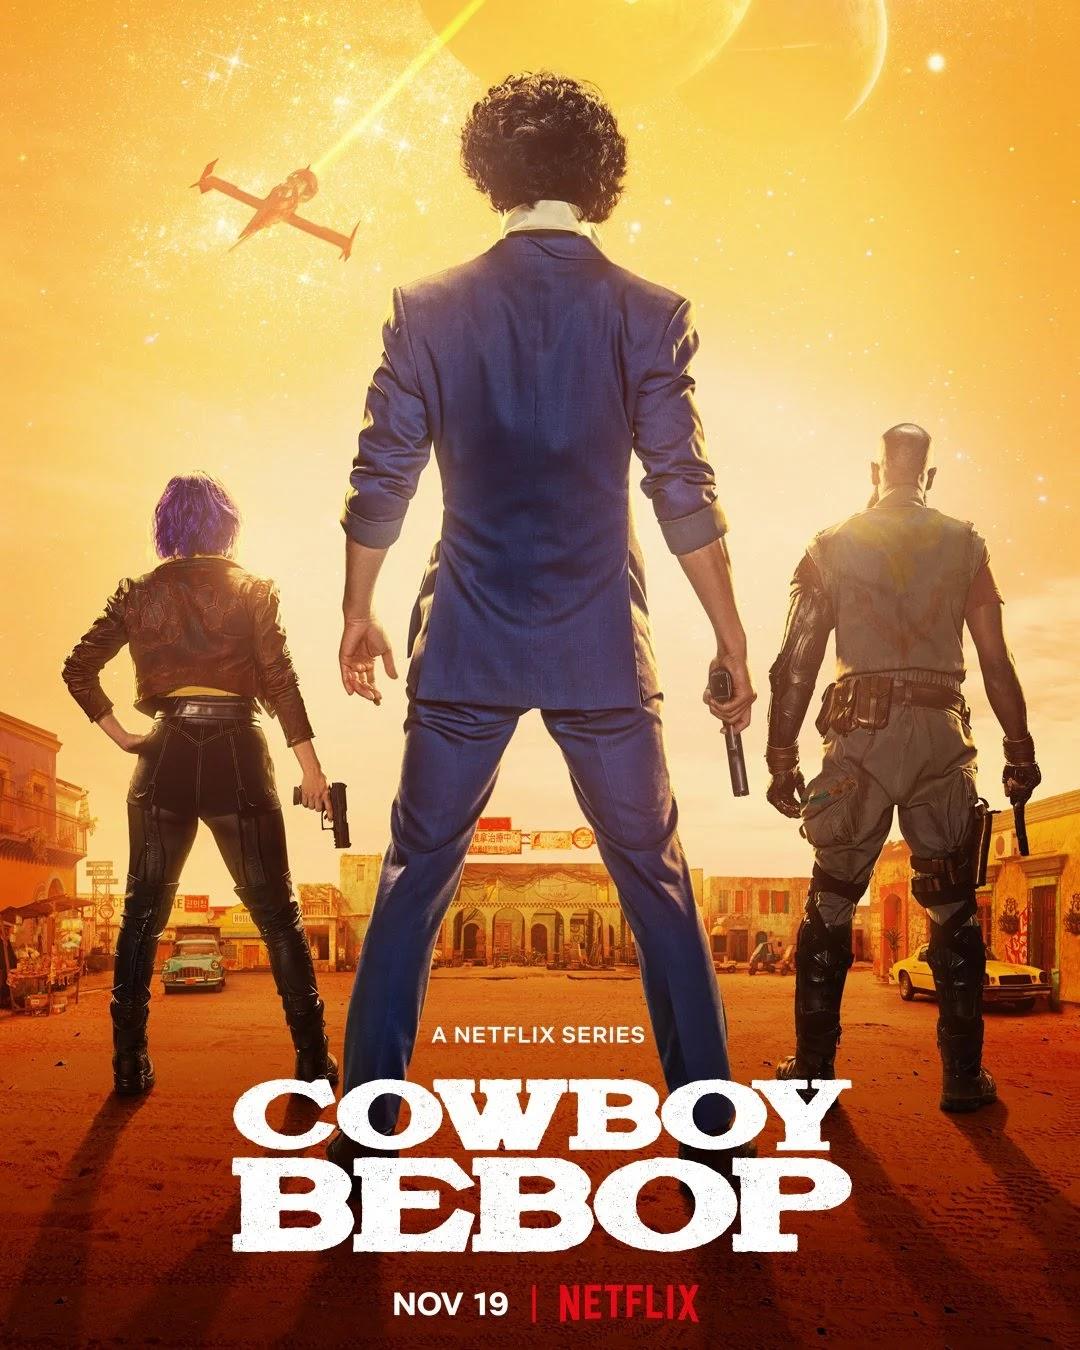 A série Live-action de Cowboy Bebop revelou um novo visual